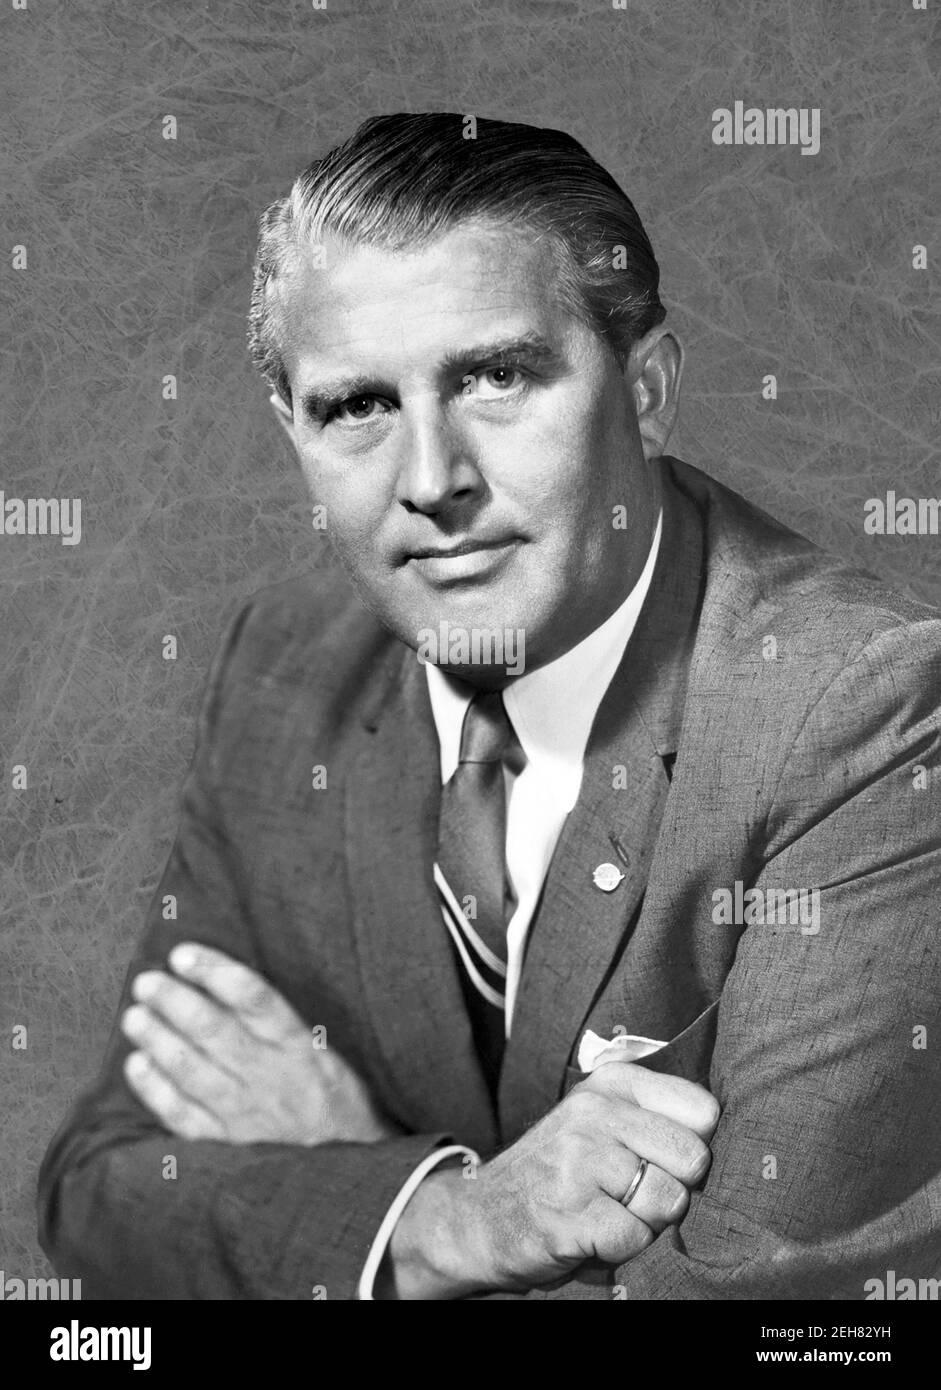 Wernher von Braun. Portrait of the  German/American aerospace engineer and rocket pioneer, .Wernher Magnus Maximilian Freiherr von Braun (1912-1977), 1960 Stock Photo